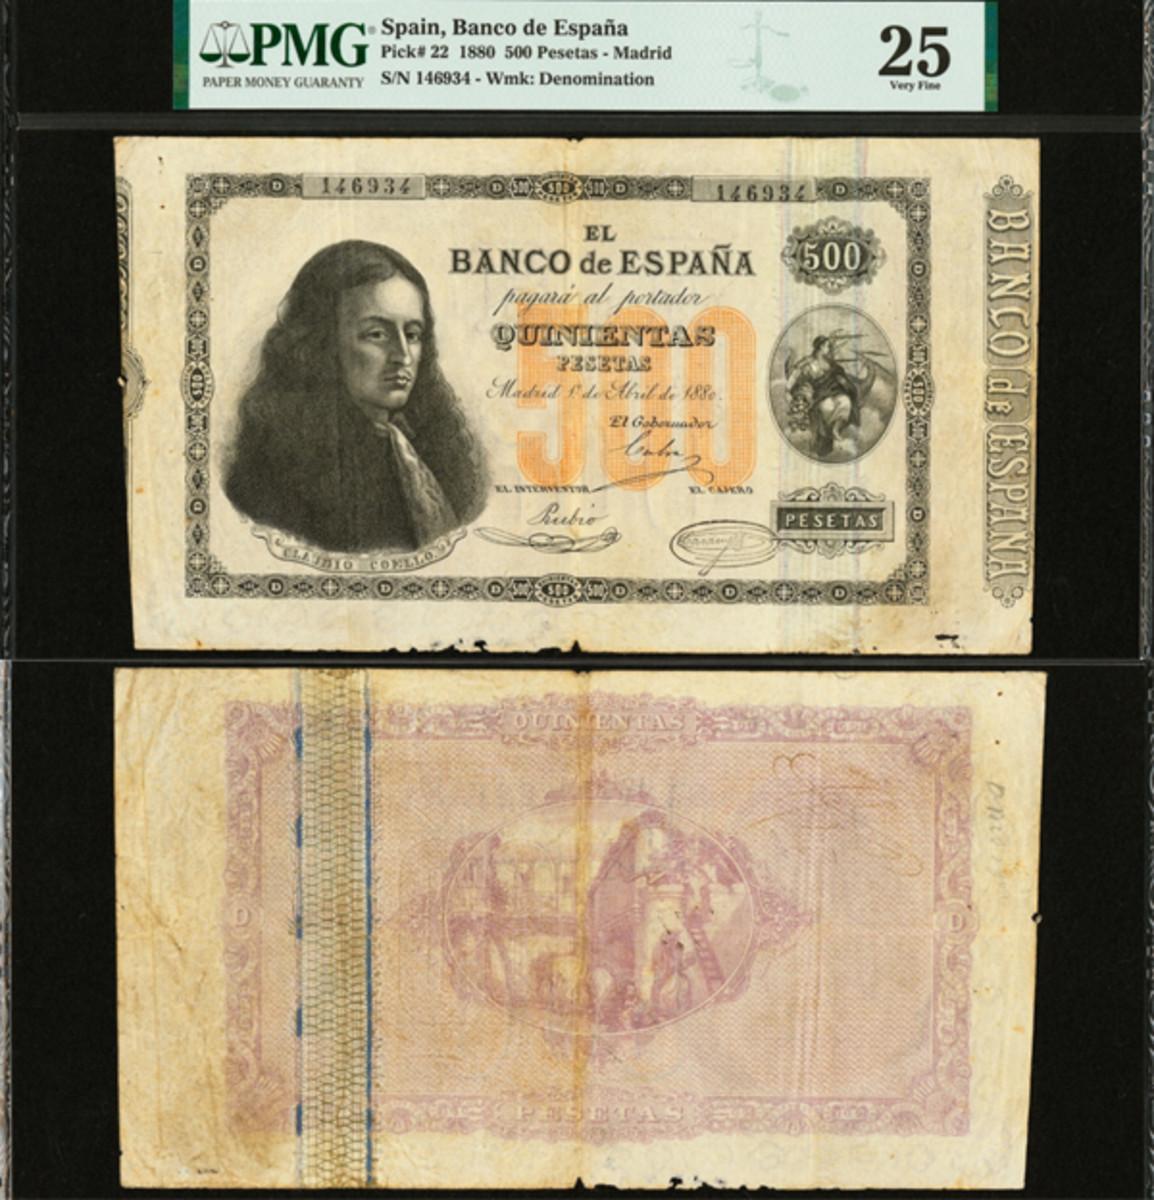 Spain Banco de Espana 1880 500 Pesetas